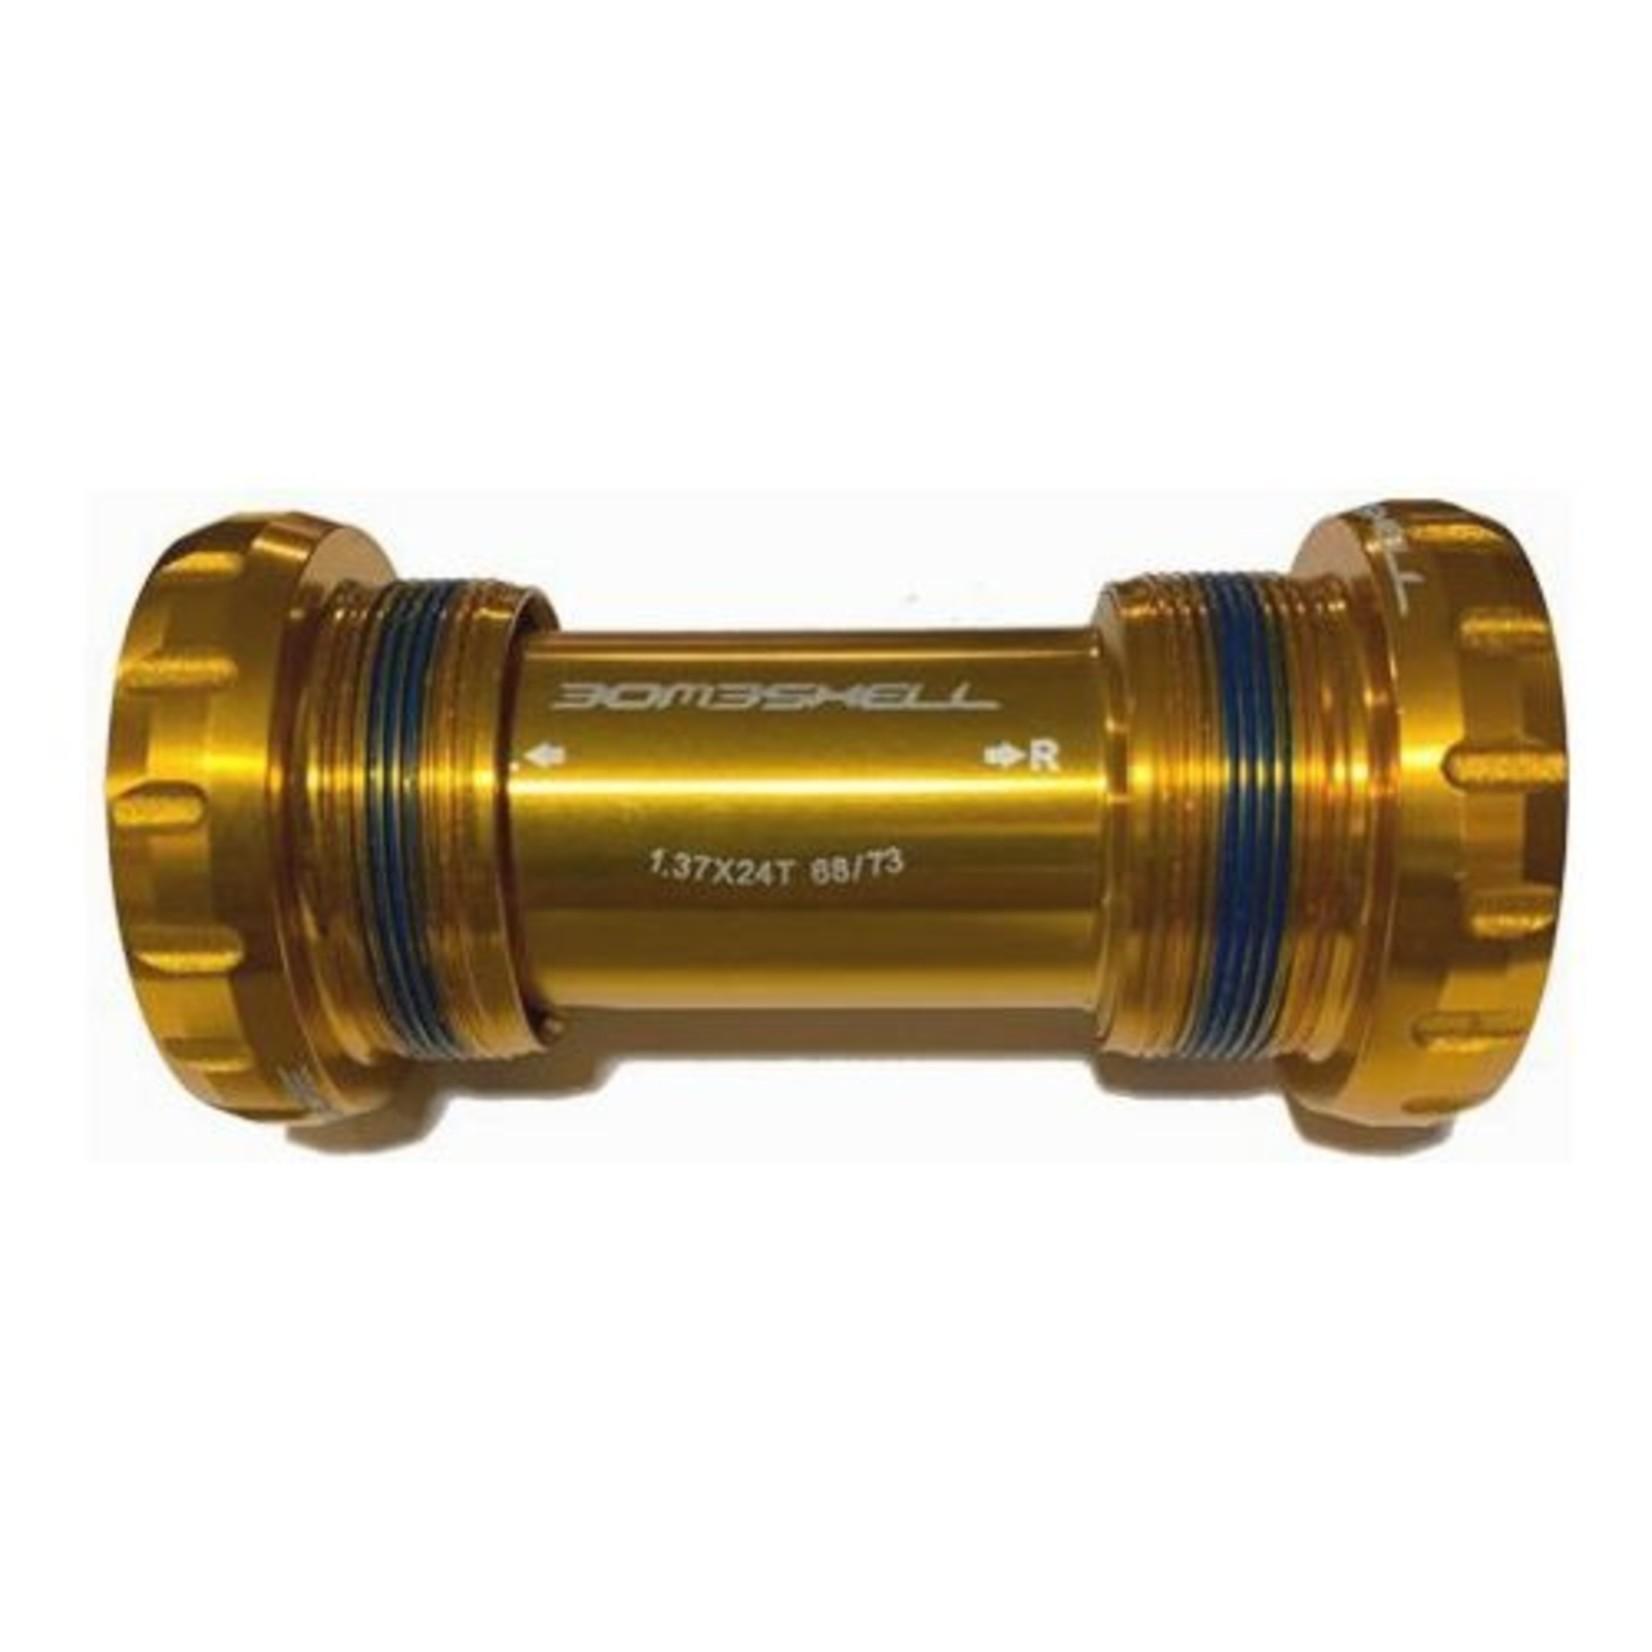 Bombshell Bombshell Outboard Bearing bottom bracket 24mm